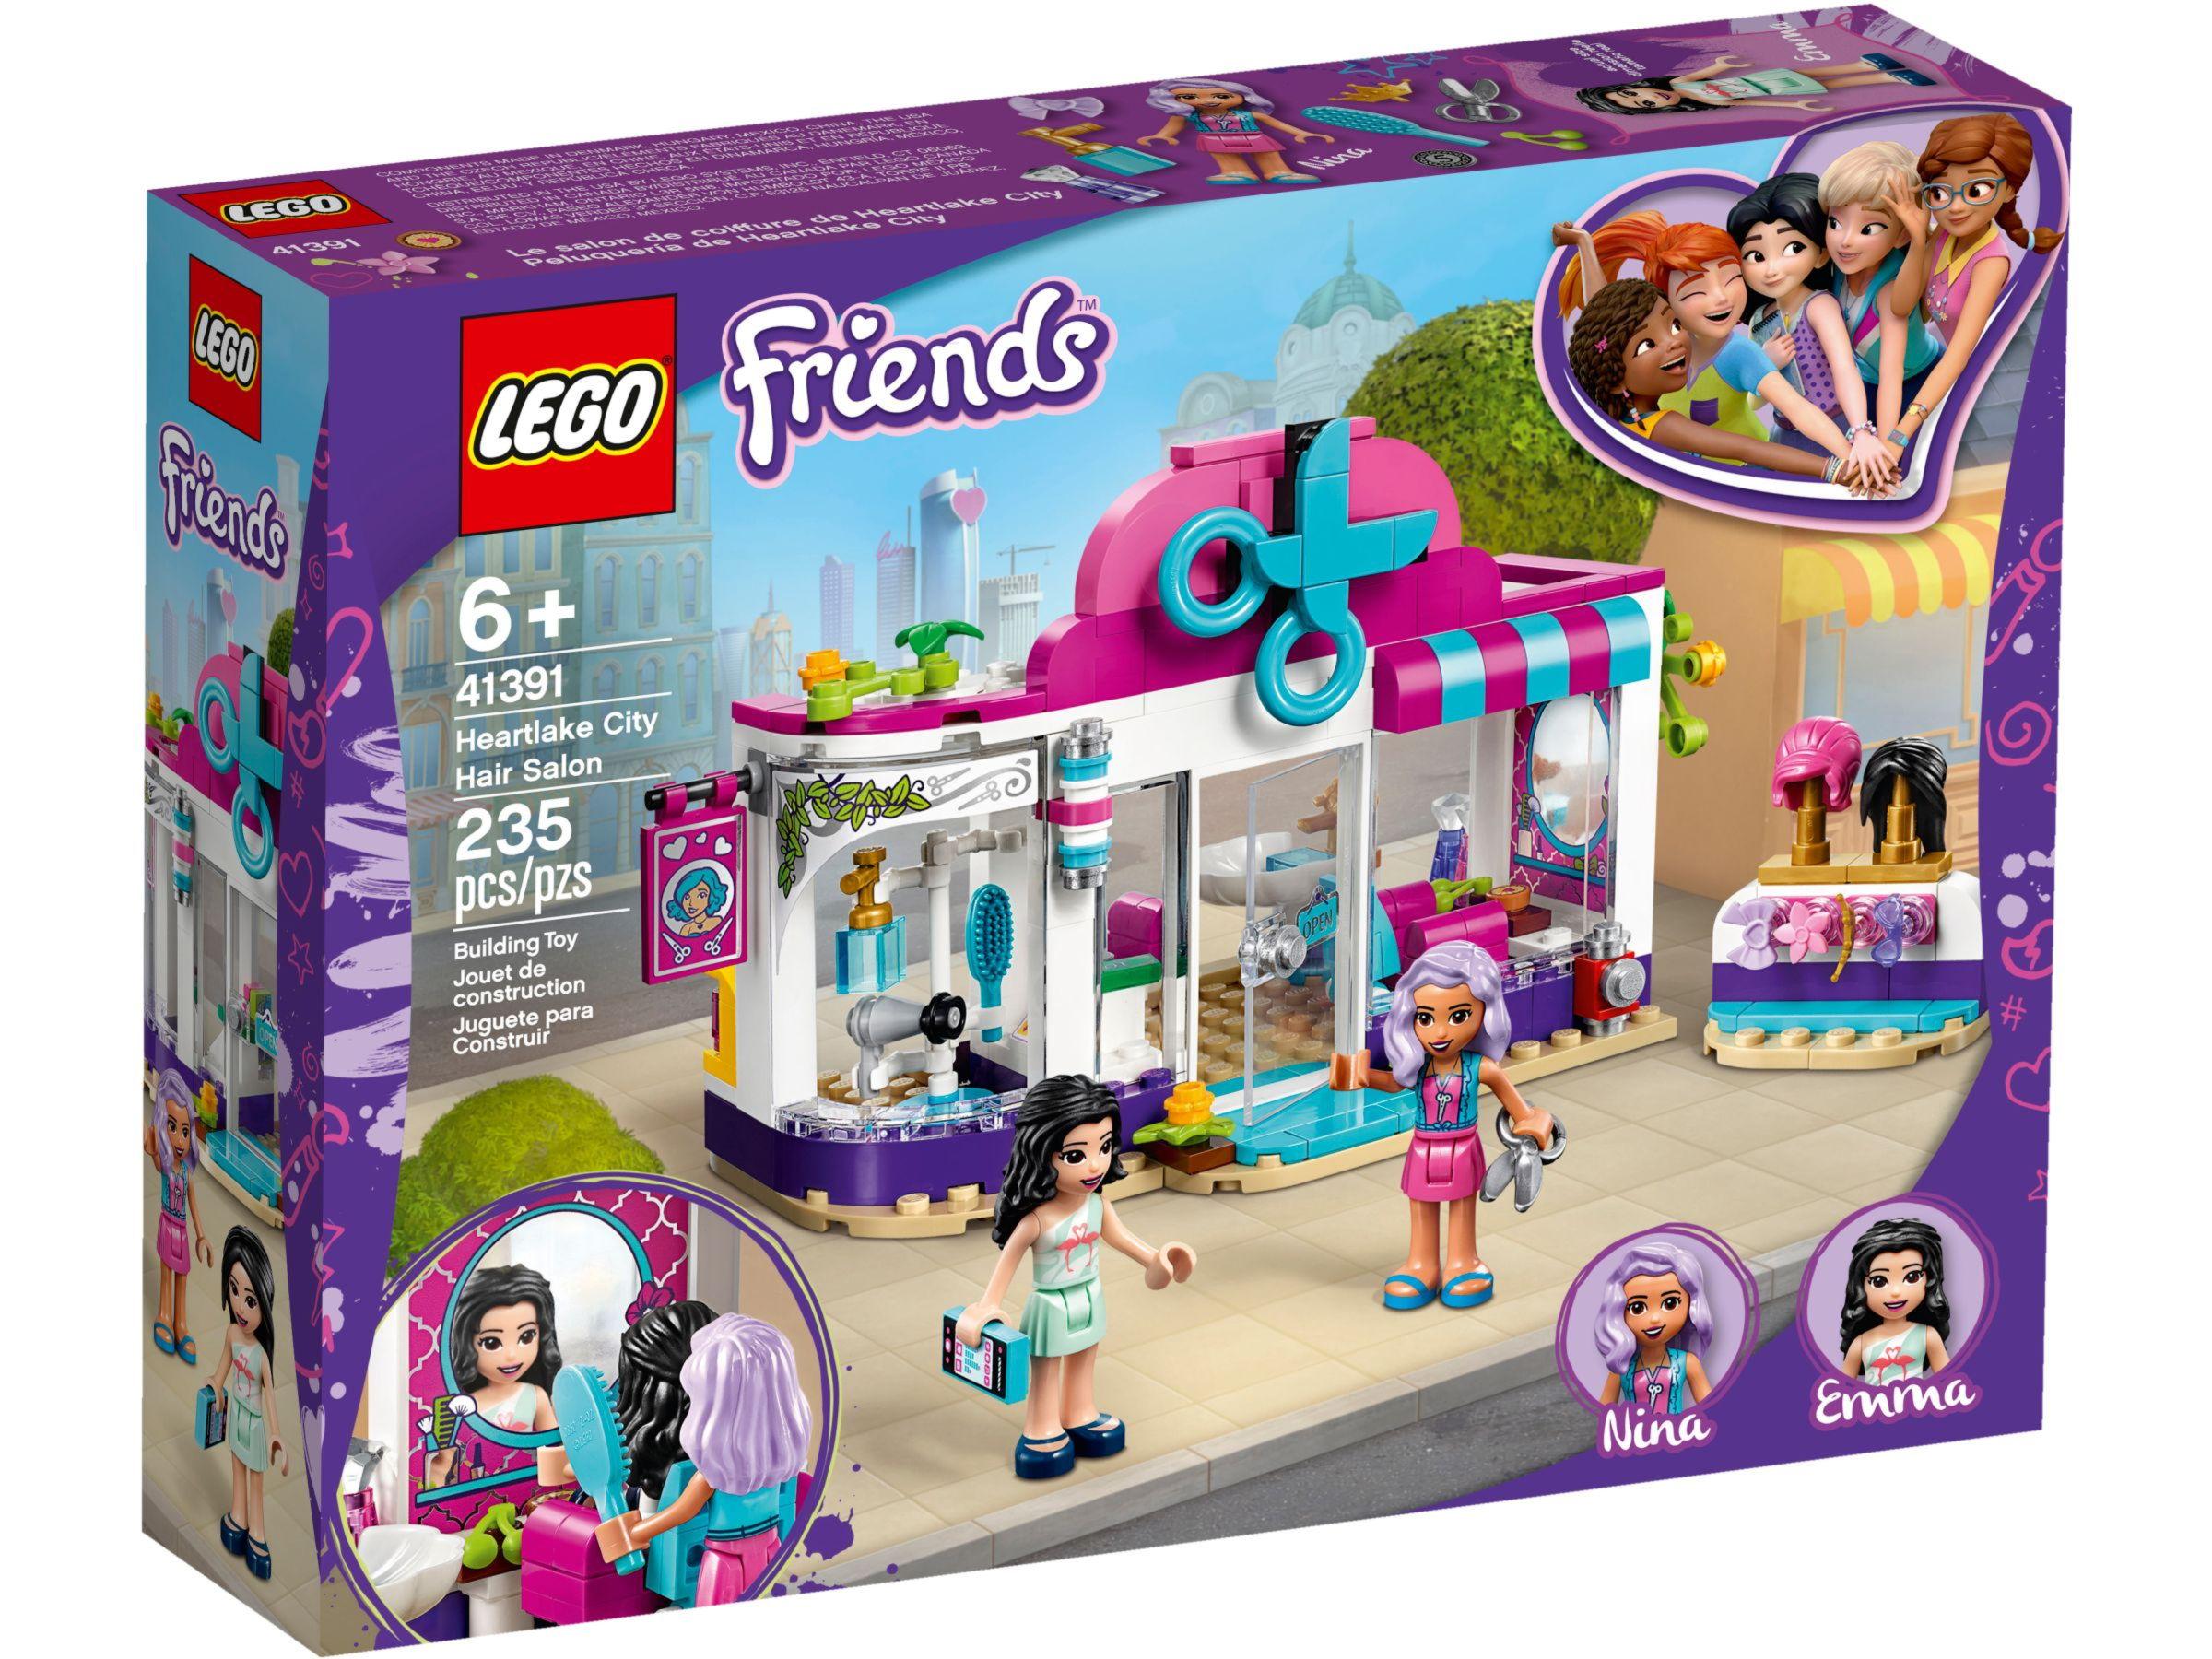 LEGO Friends 41391 Heartlake City kapsalon